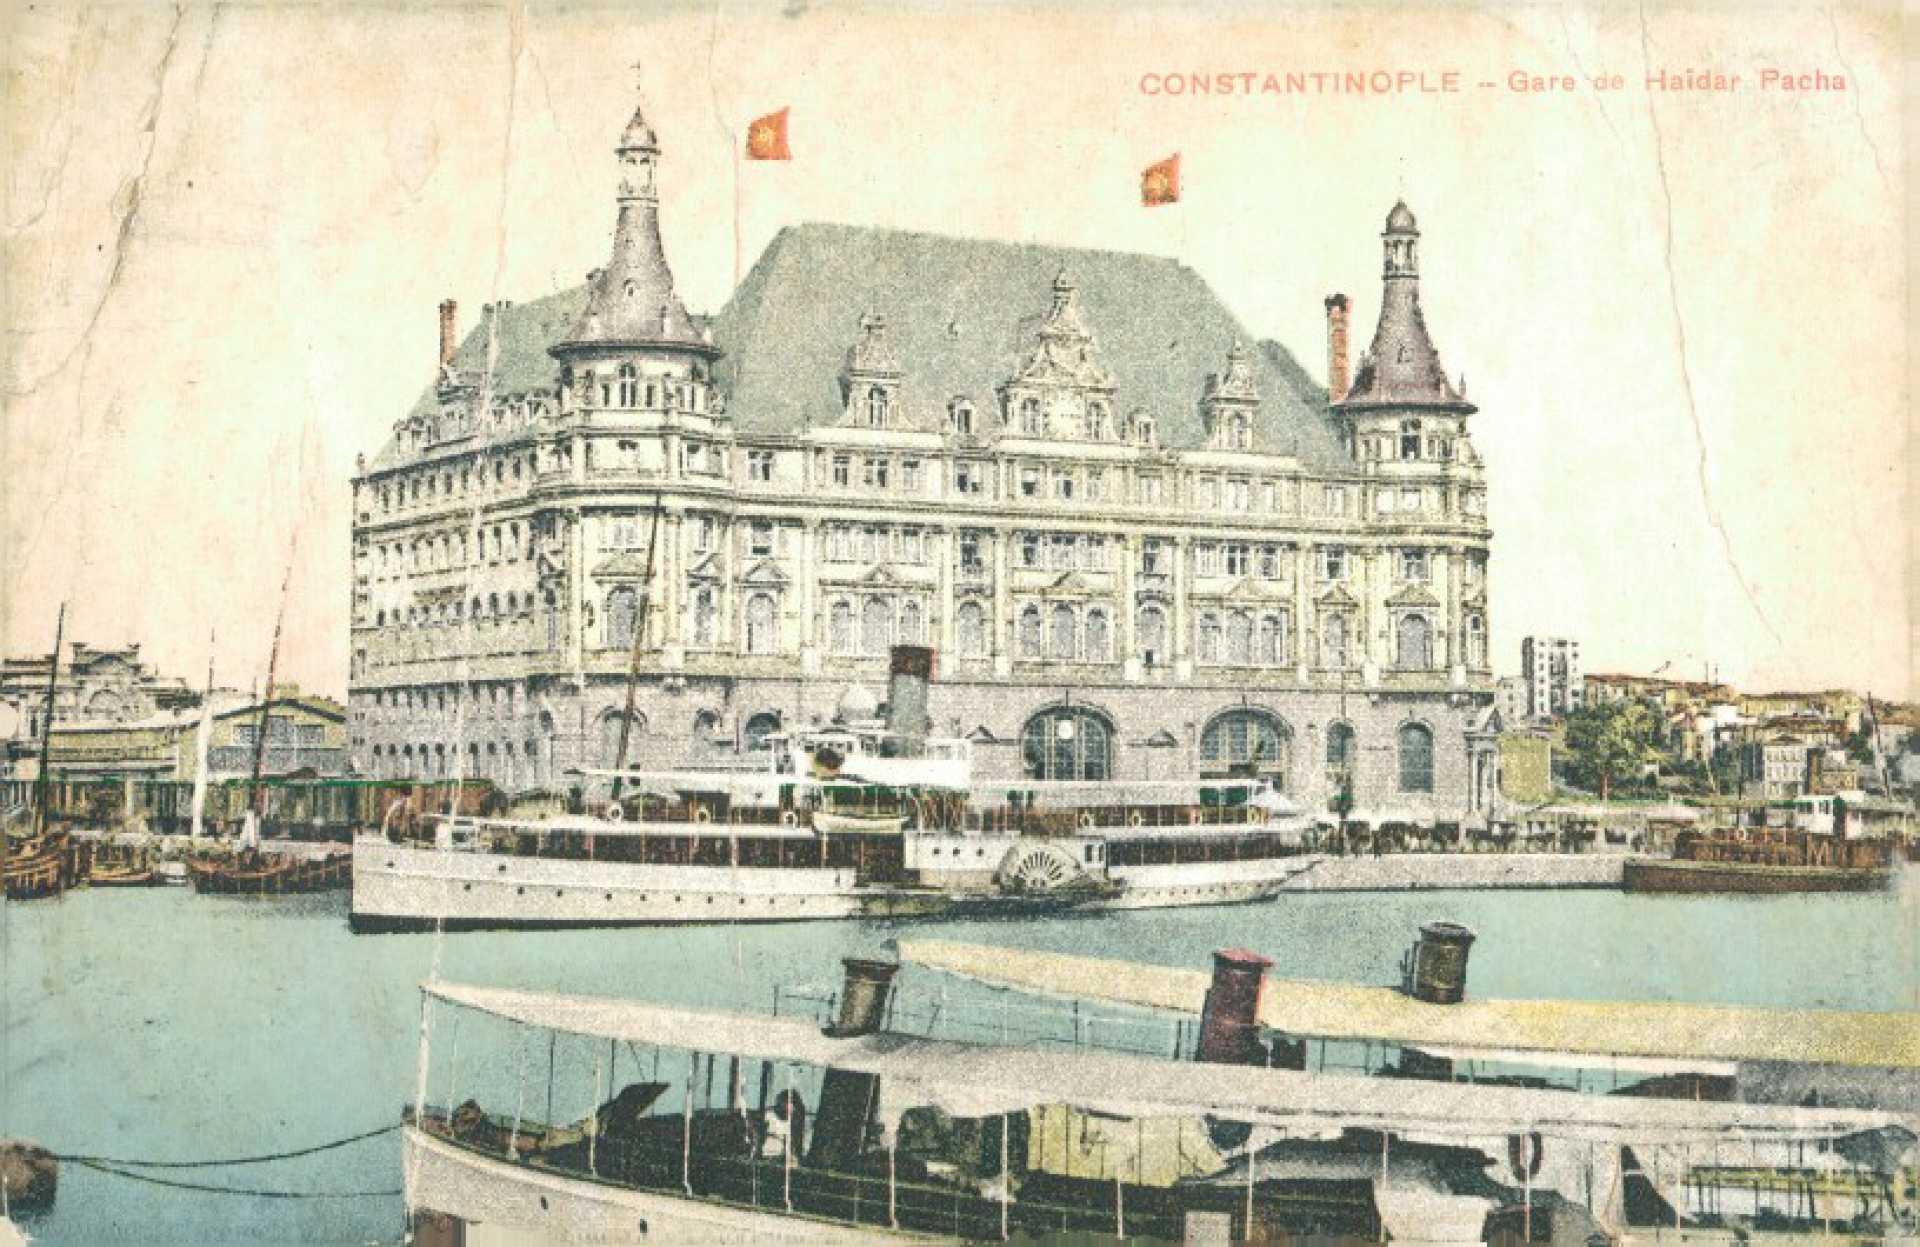 Gare de Haidar Pacha